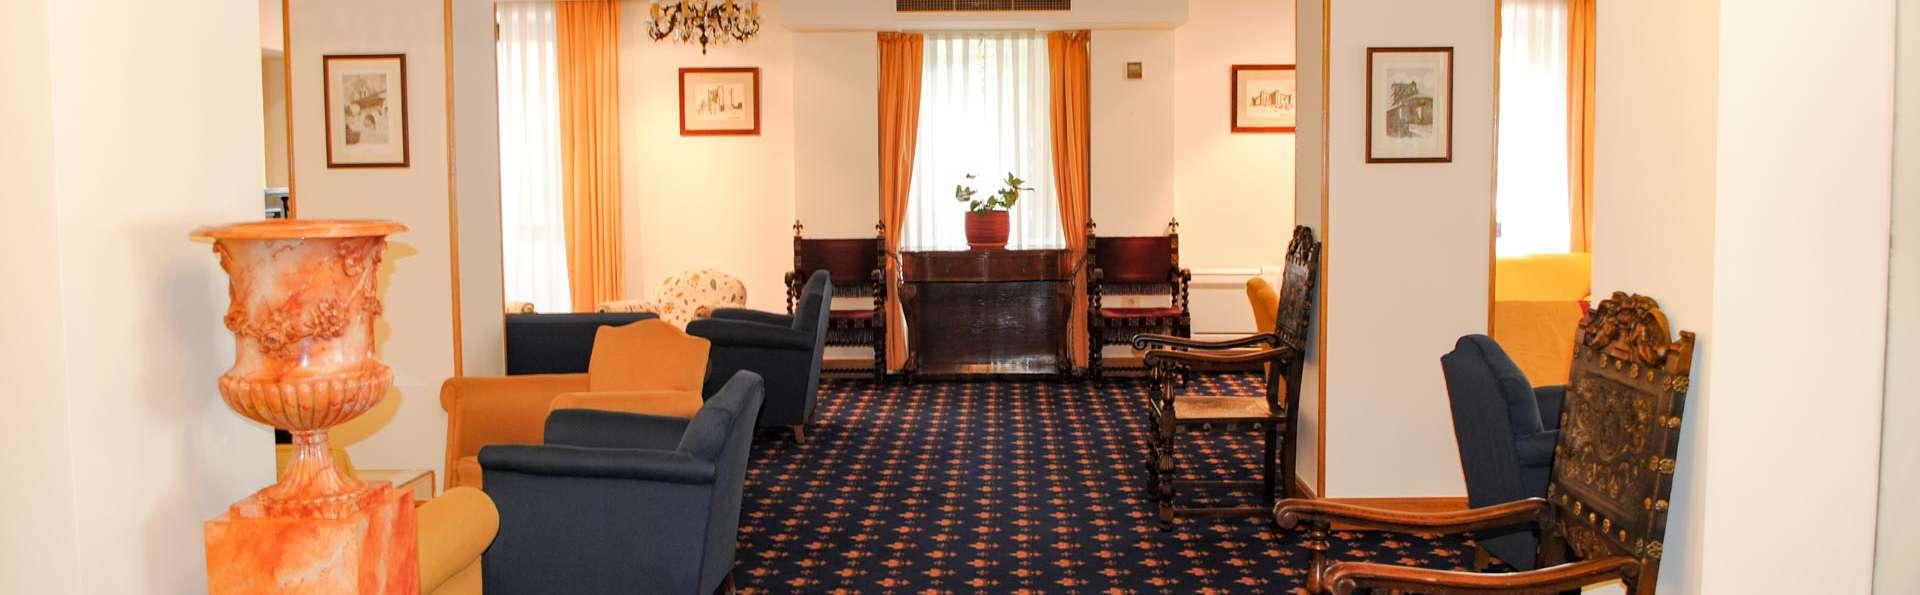 Hotel Zarauz  - EDIT_HALL_01.jpg